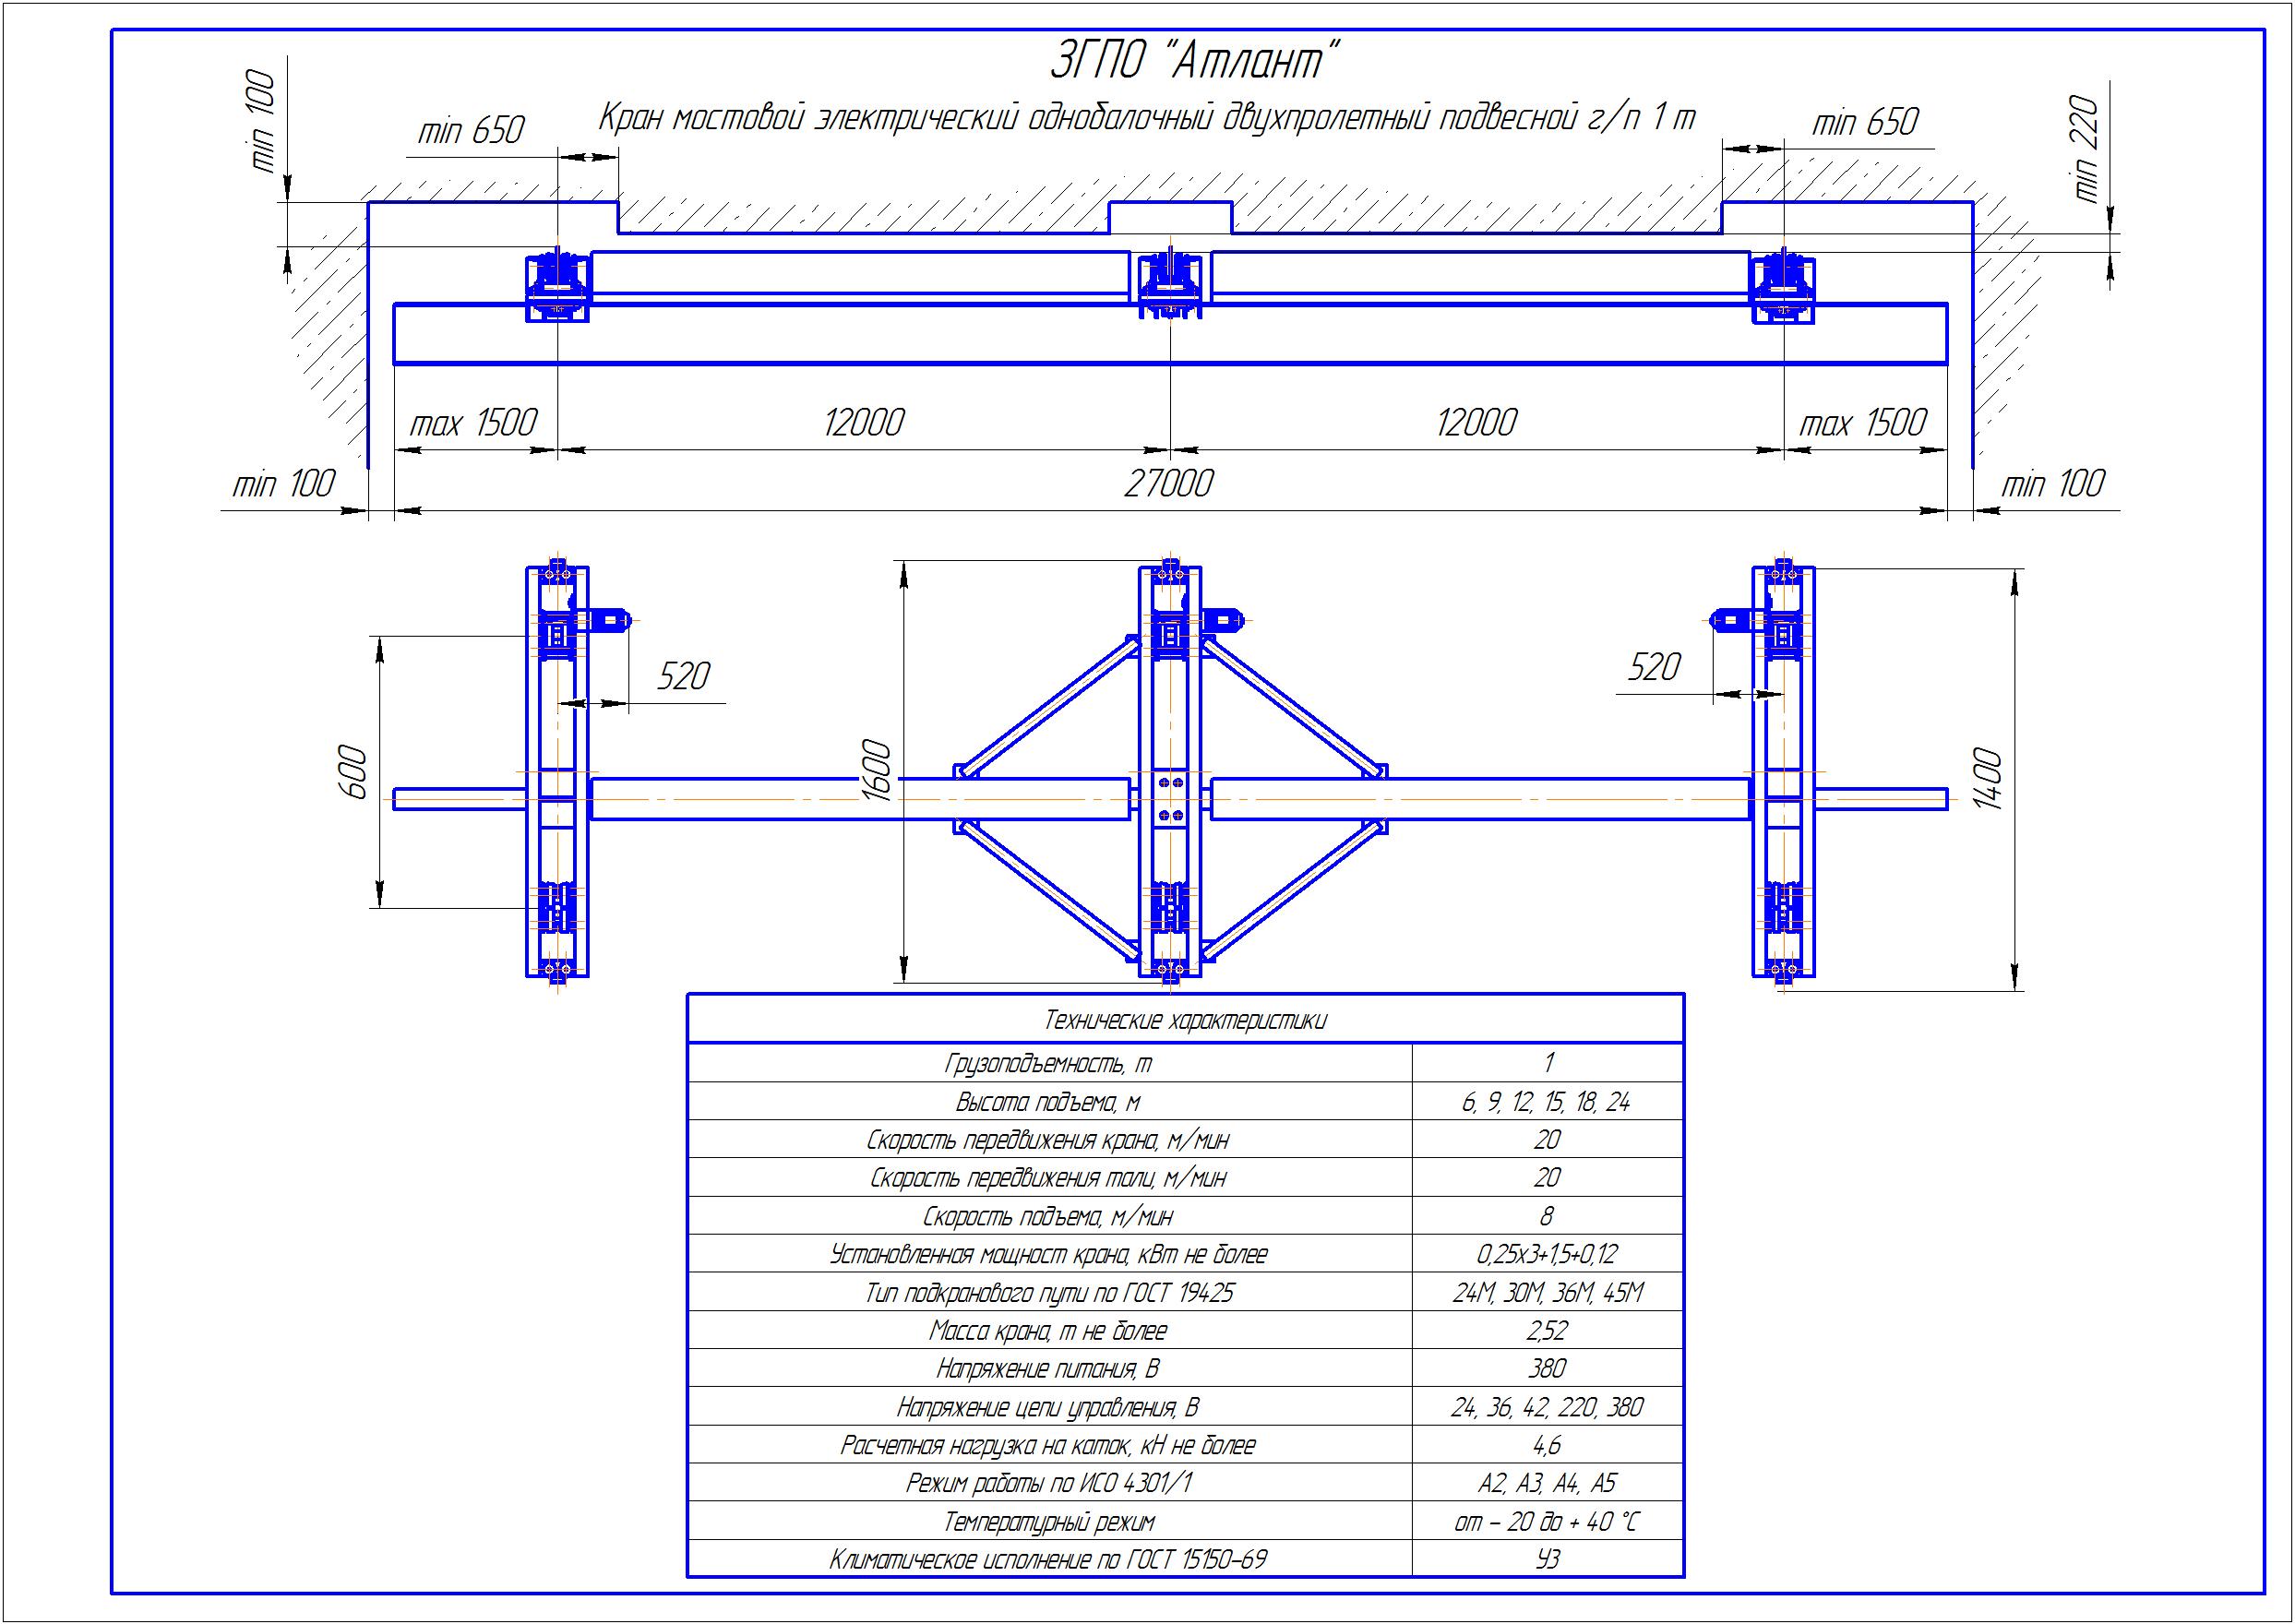 KBPD 1 4 - Подвесная кран балка двухпролетная